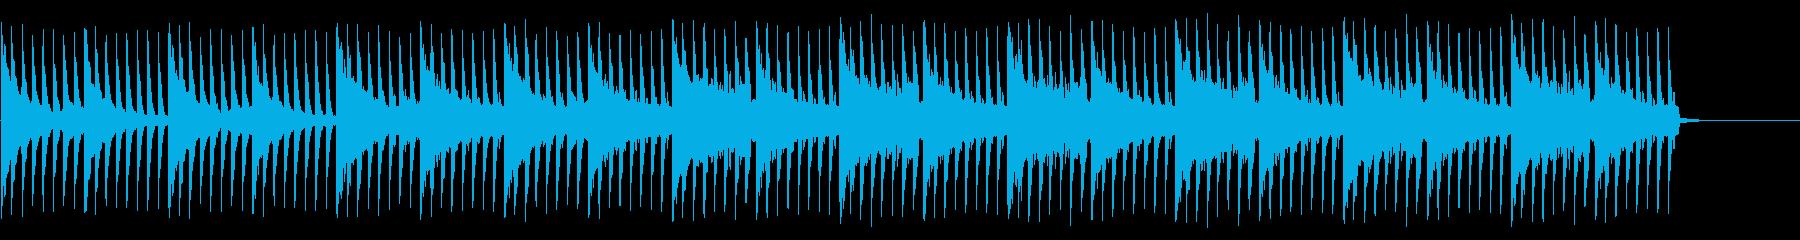 報道番組、ニュース風BGM bの再生済みの波形